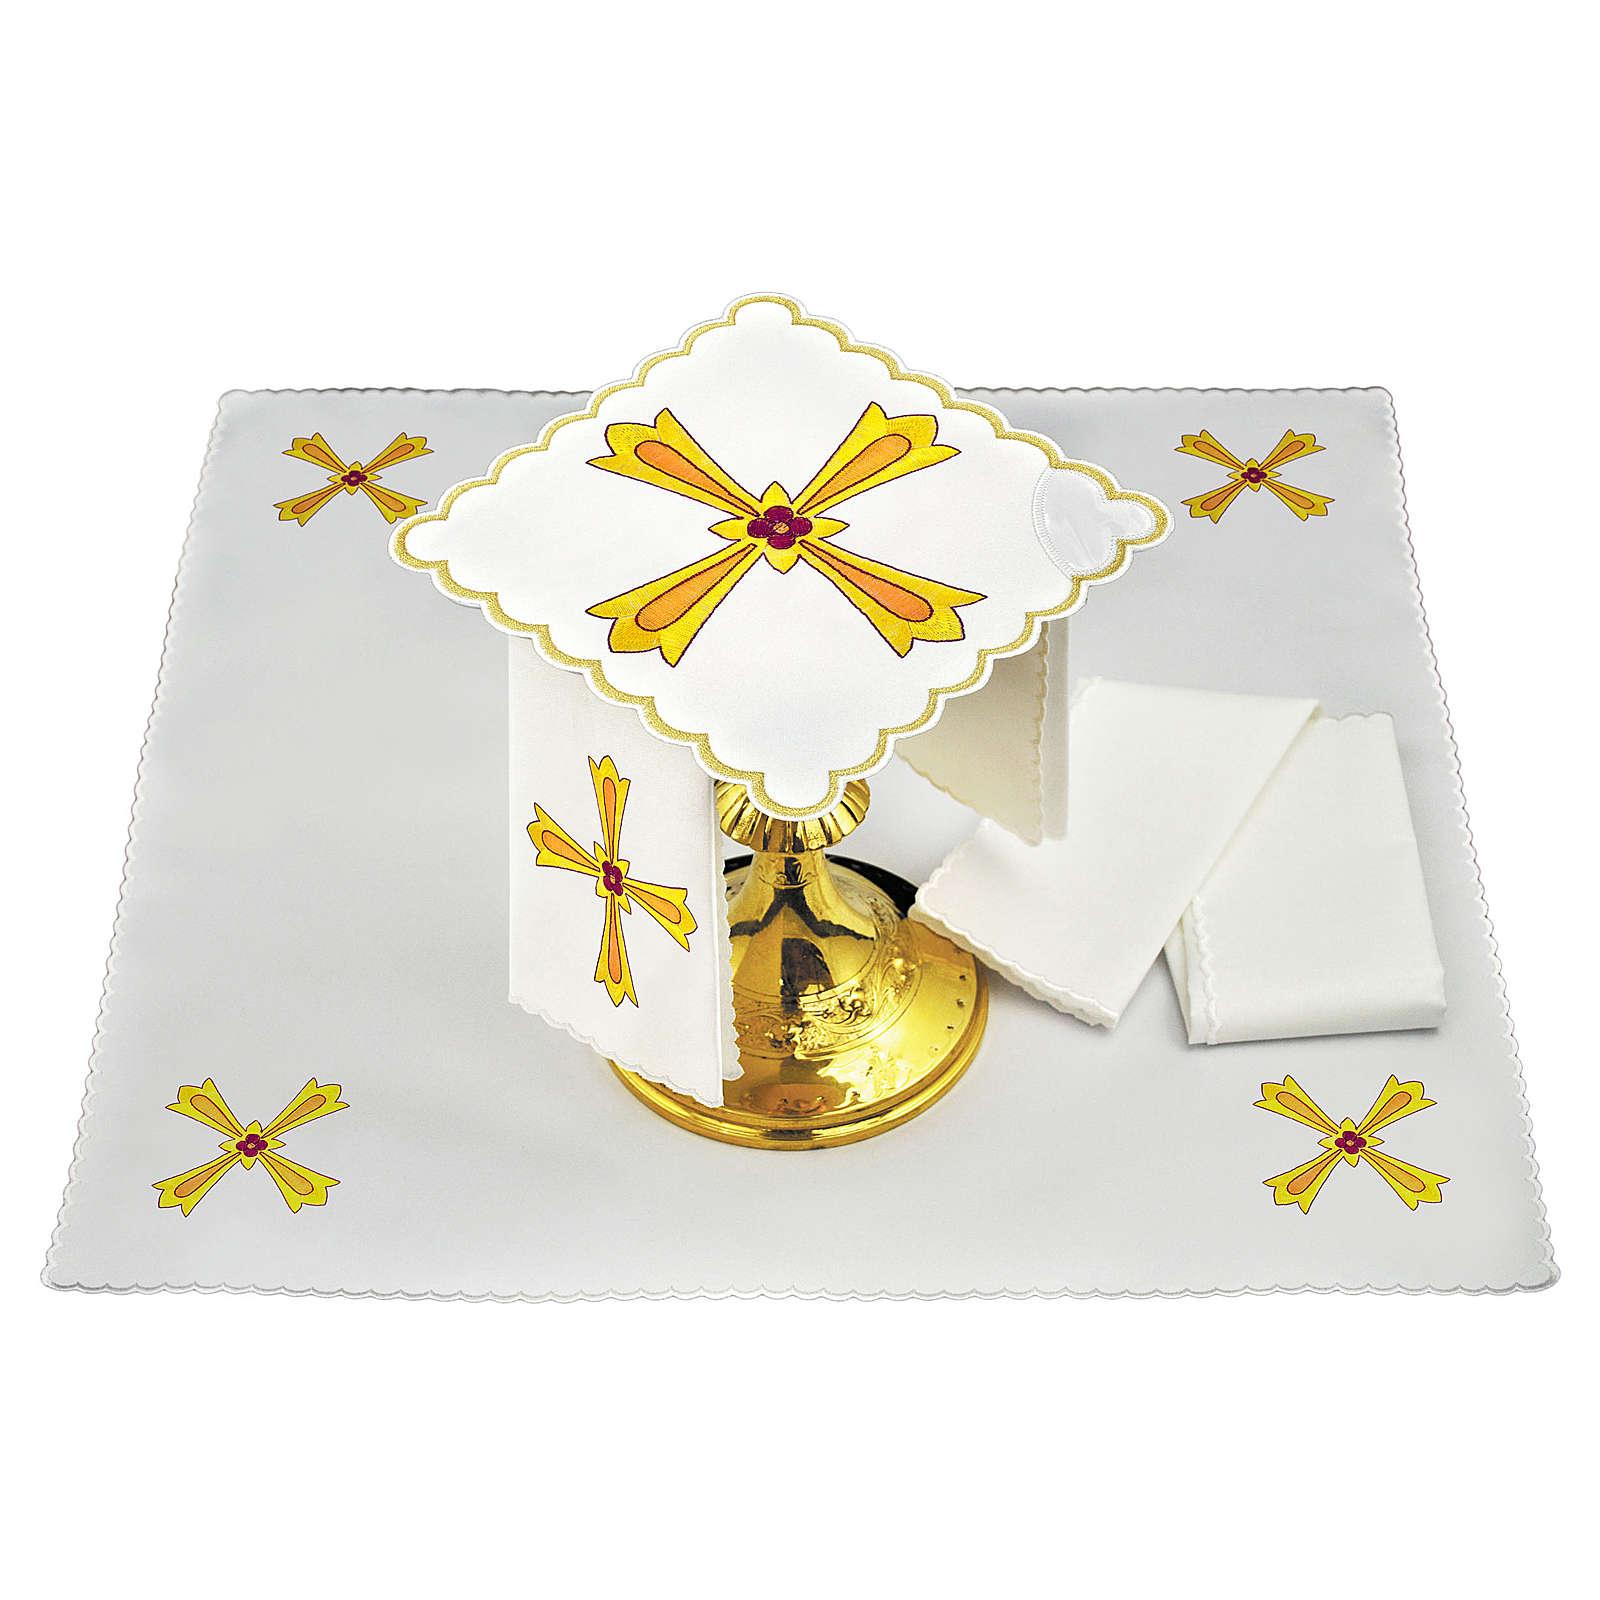 Conjunto de alfaia para altar algodão cruz amarela laranja flor vermelha 4